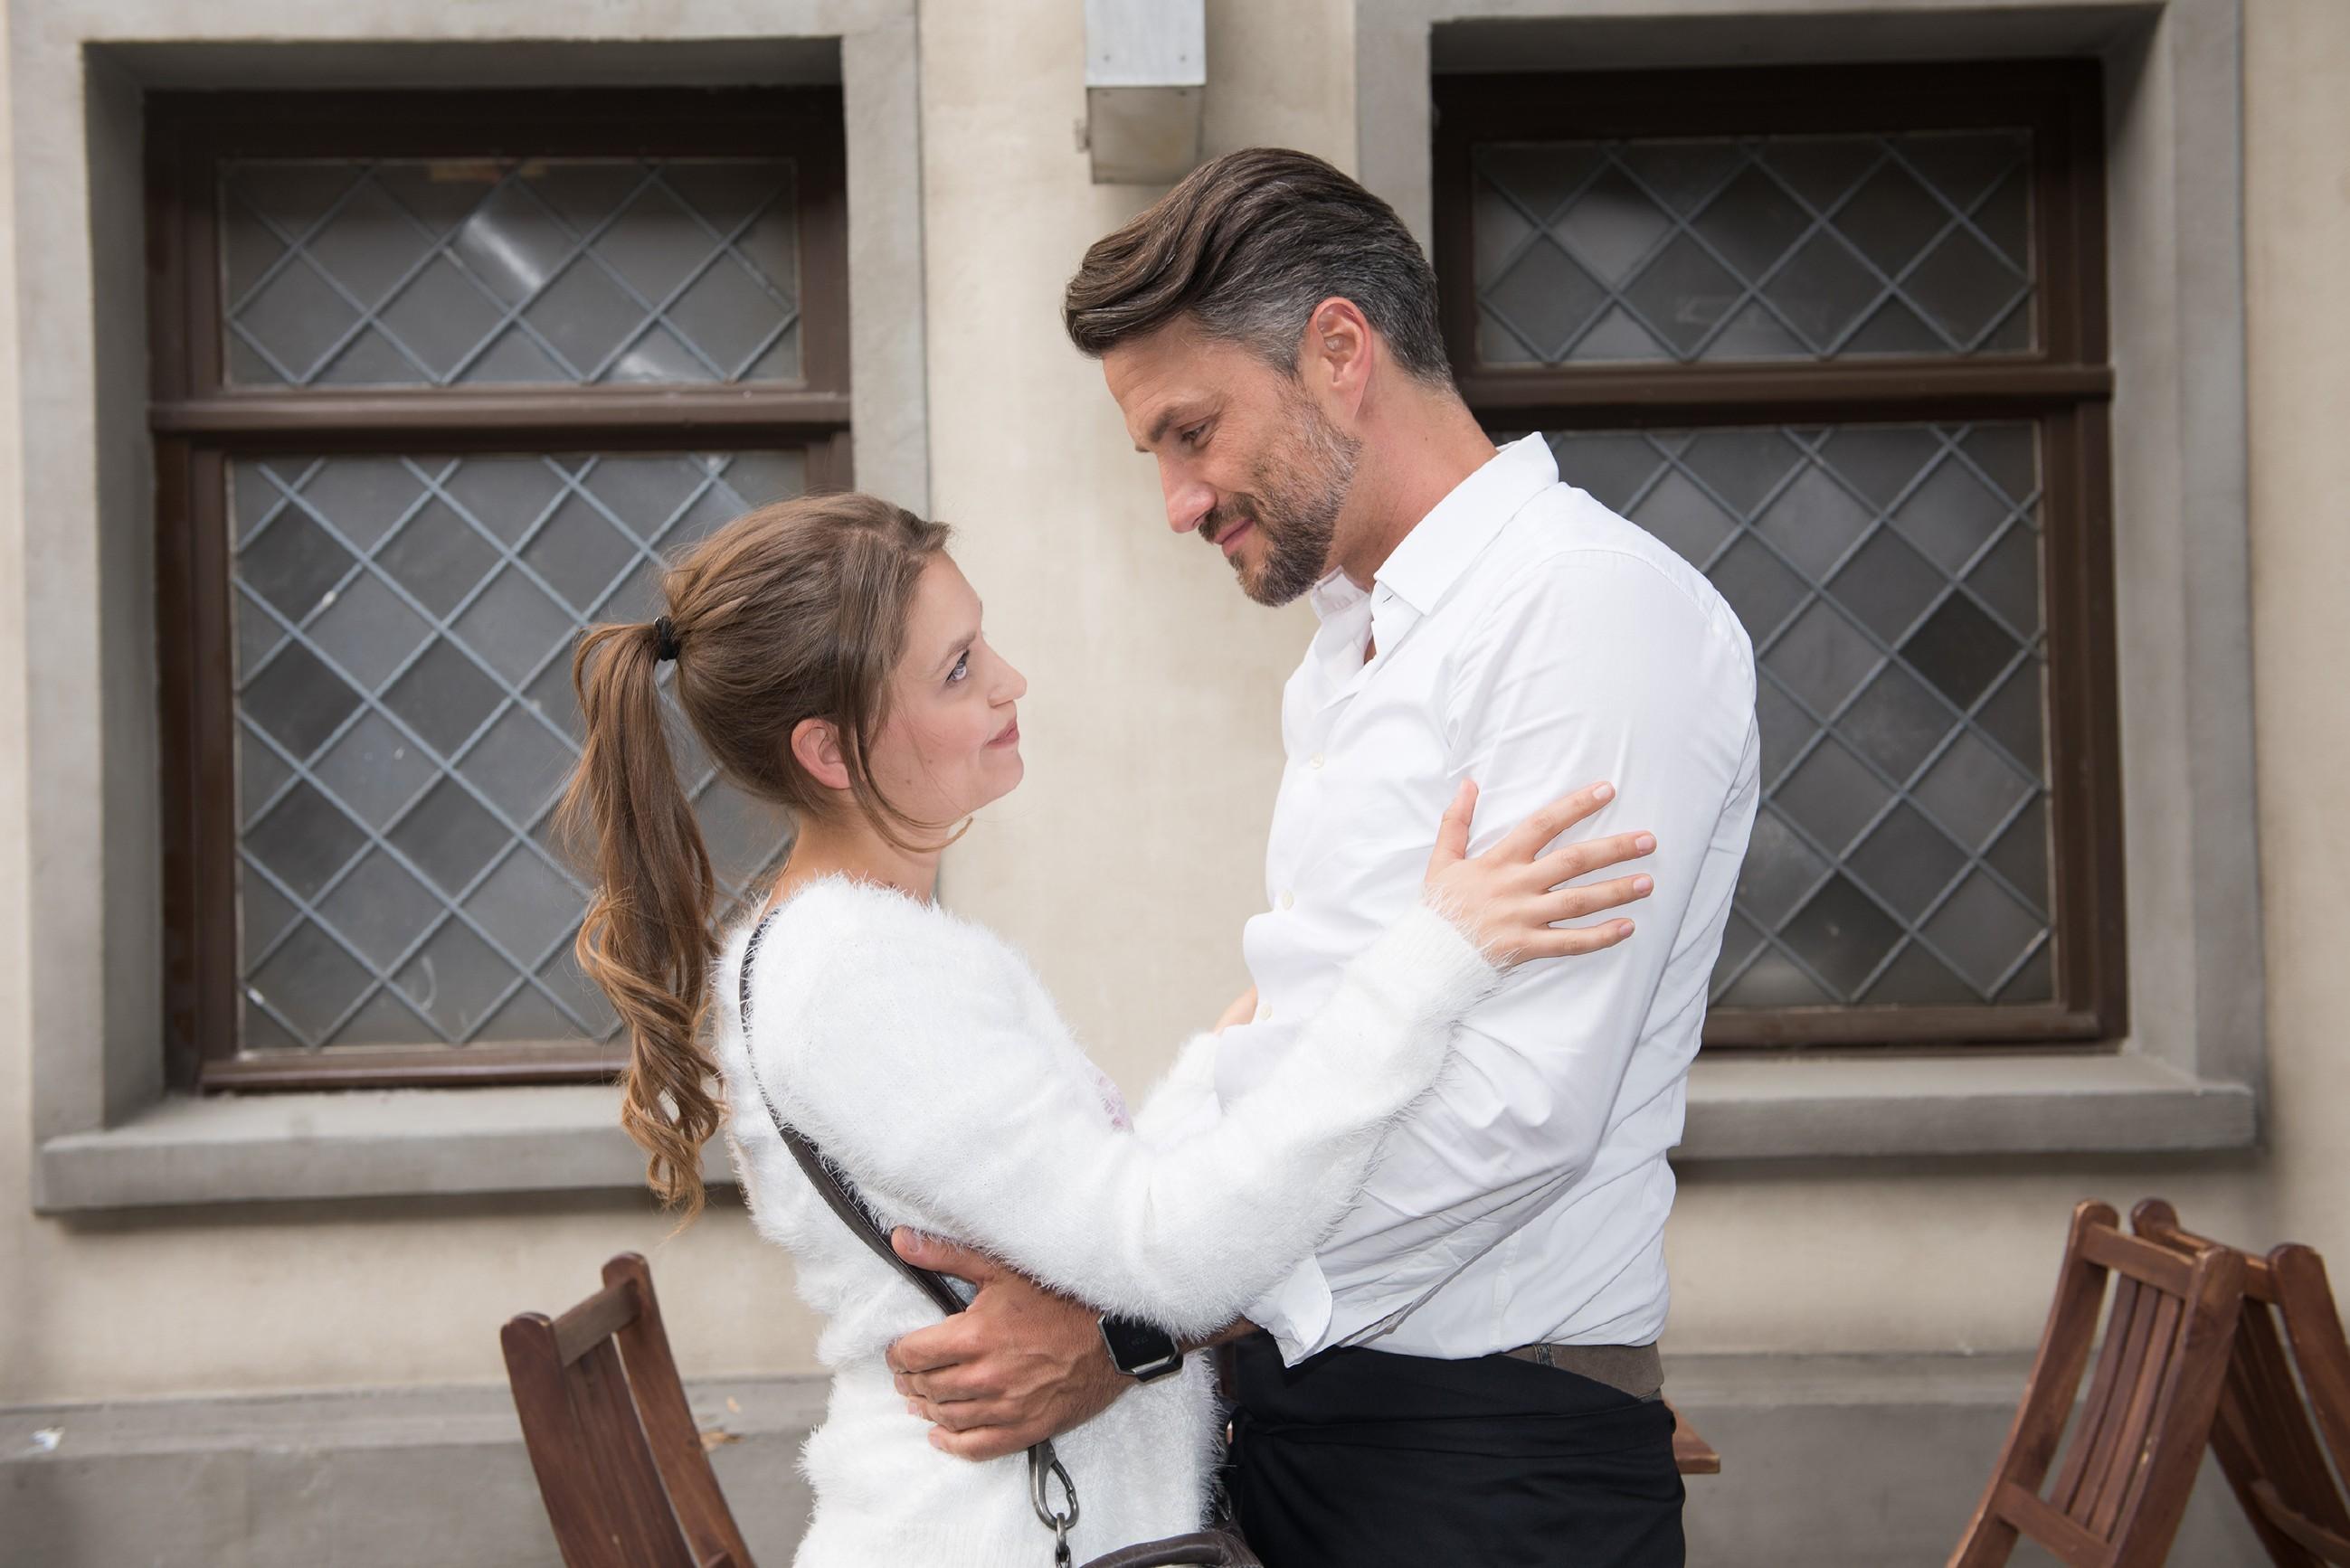 Jule (Amrei Haardt) ist erleichtert, dass sich ihr Verhältnis zu Malte (Stefan Bockelmann) nach Caros Fremdgehen nicht verändert hat. (Quelle: RTL / Stefan Behrens)